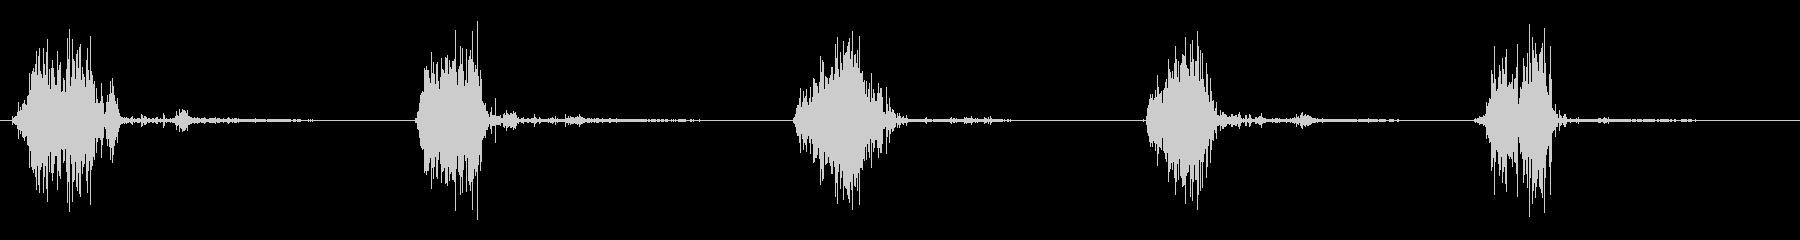 ザッザッザッ(複数回)の未再生の波形